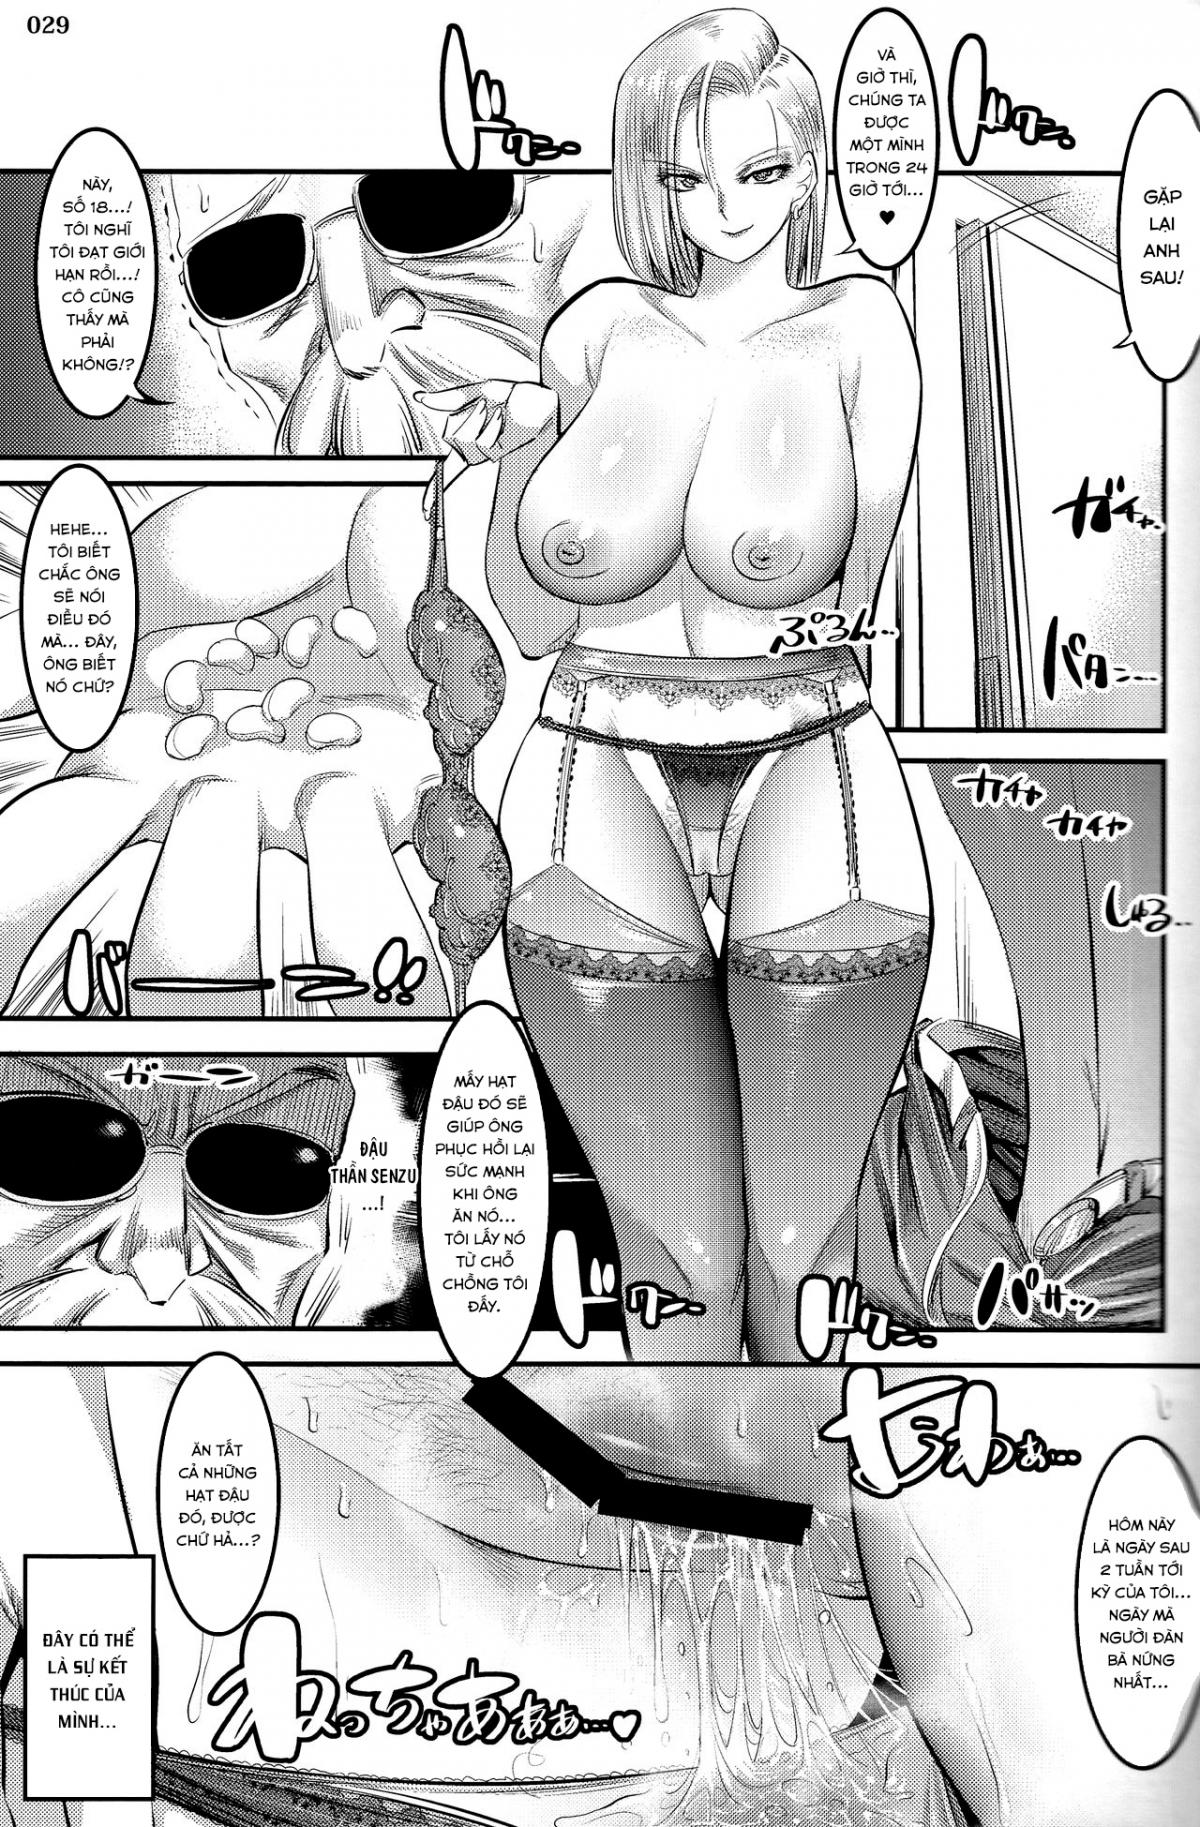 HentaiVN.net - Ảnh 29 - 18-gou ni Mainichi Muriyari Semen Shiboritorareru Hon - A Book About Getting Your Semen Forcibly Squeezed Out By No. 18 Every Single Day - Oneshot